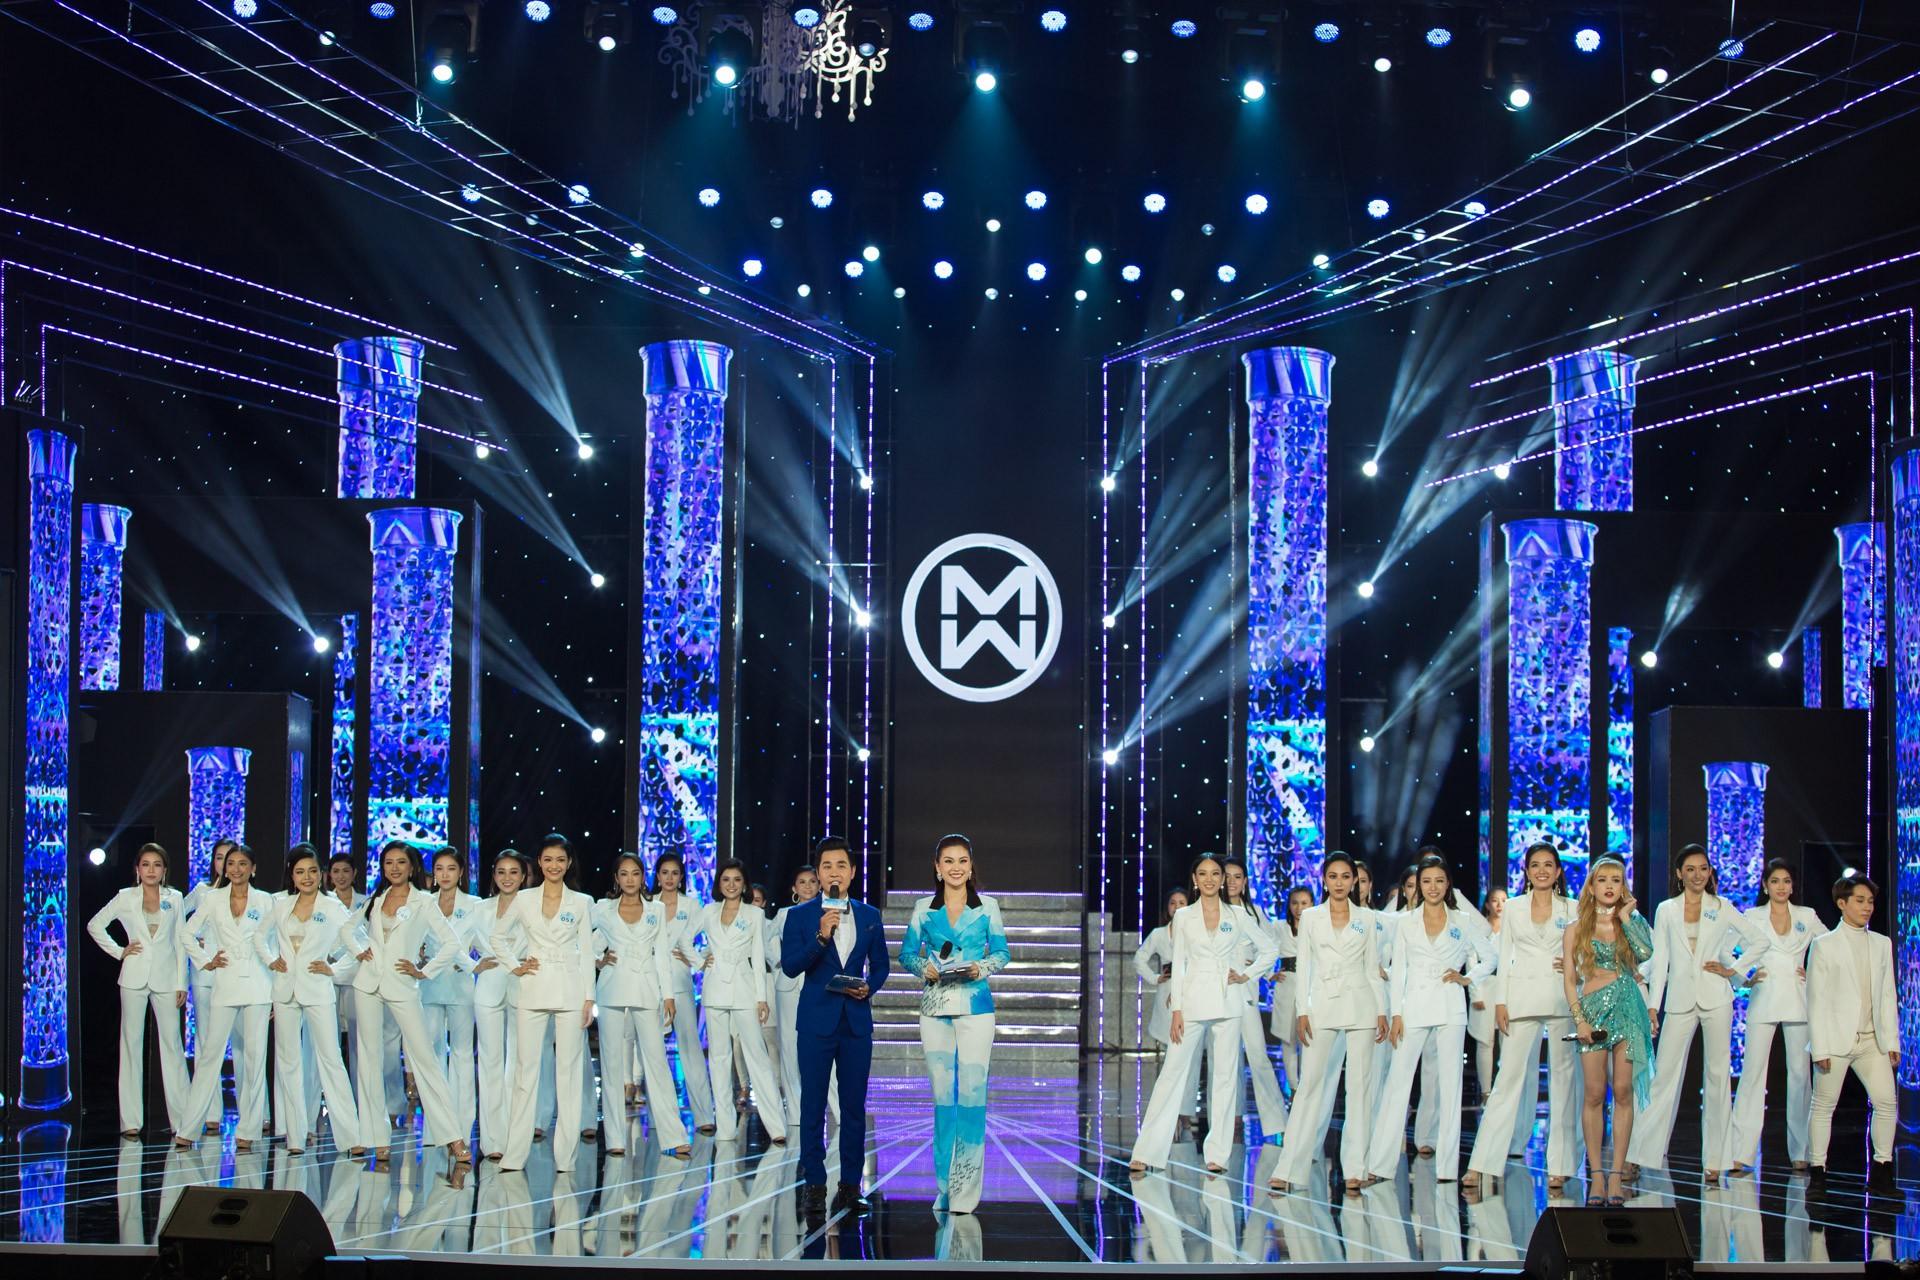 Đọ sắc vóc 20 mỹ nhân lọt Top, chạm gần tới tấm vé kế nhiệm Tiểu Vy lên đường đến Thái thi Miss World 2019 - Ảnh 1.